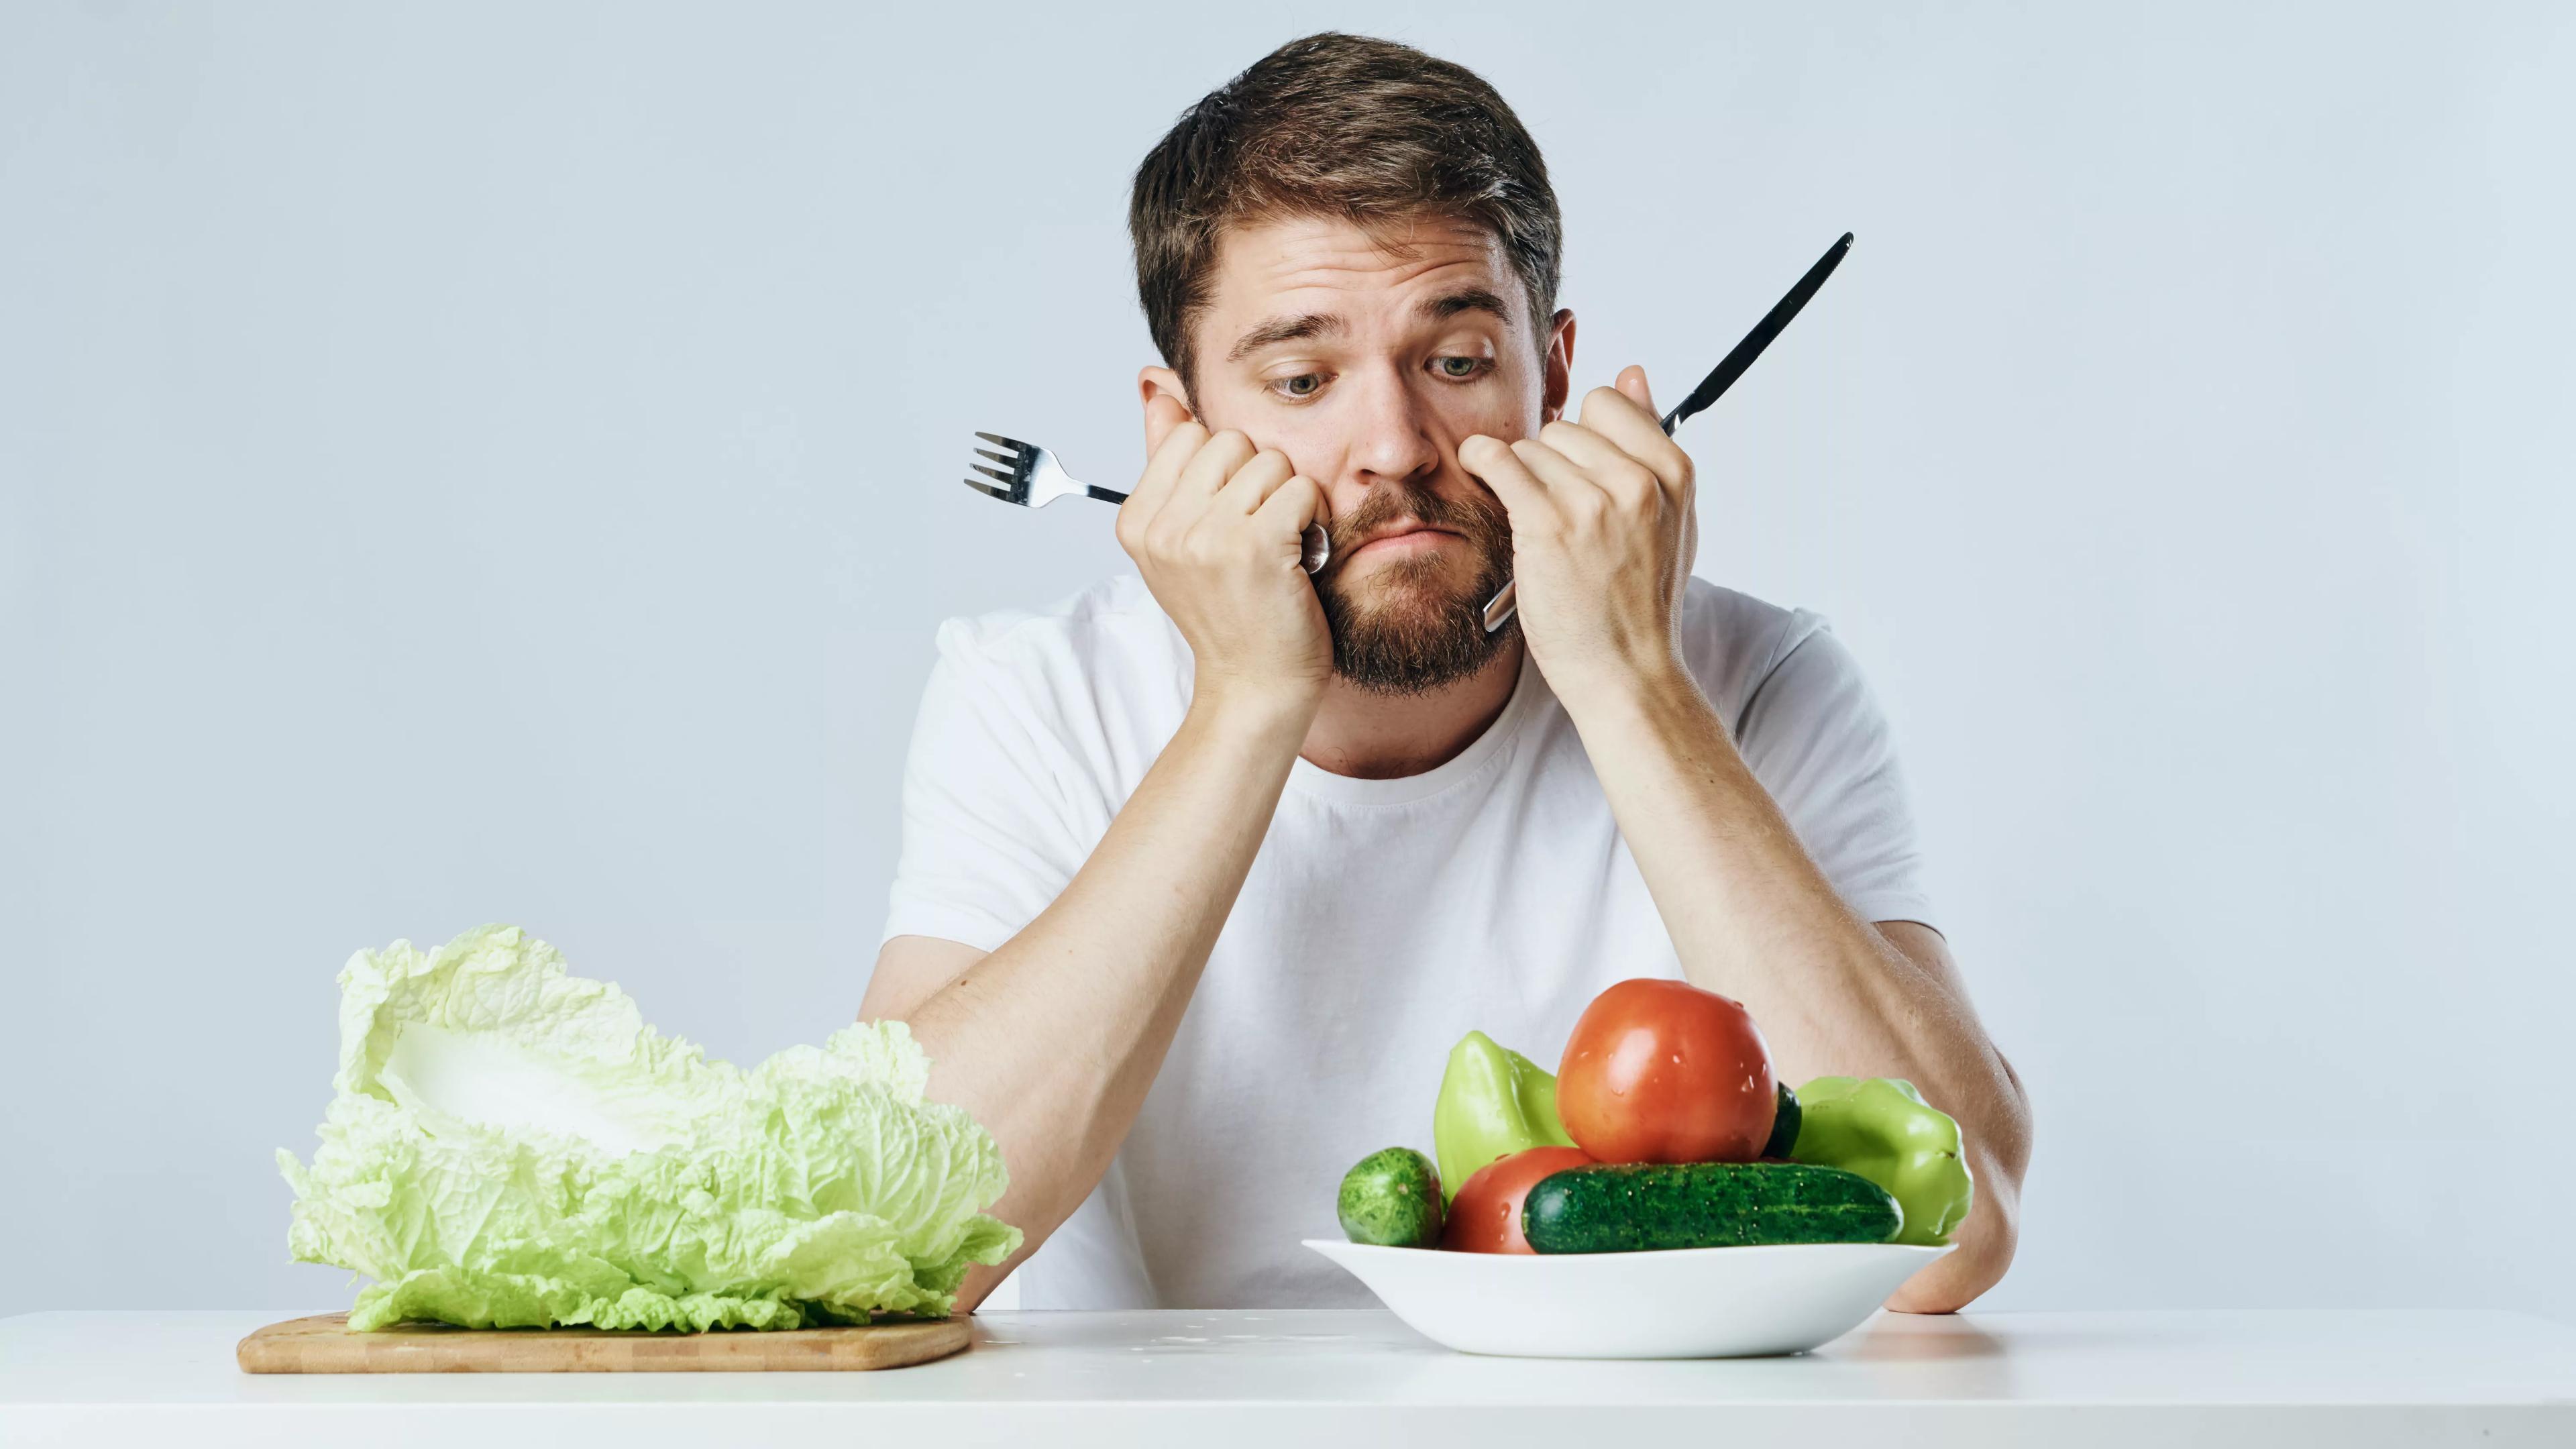 Вегетарианскую диету связали с депрессией